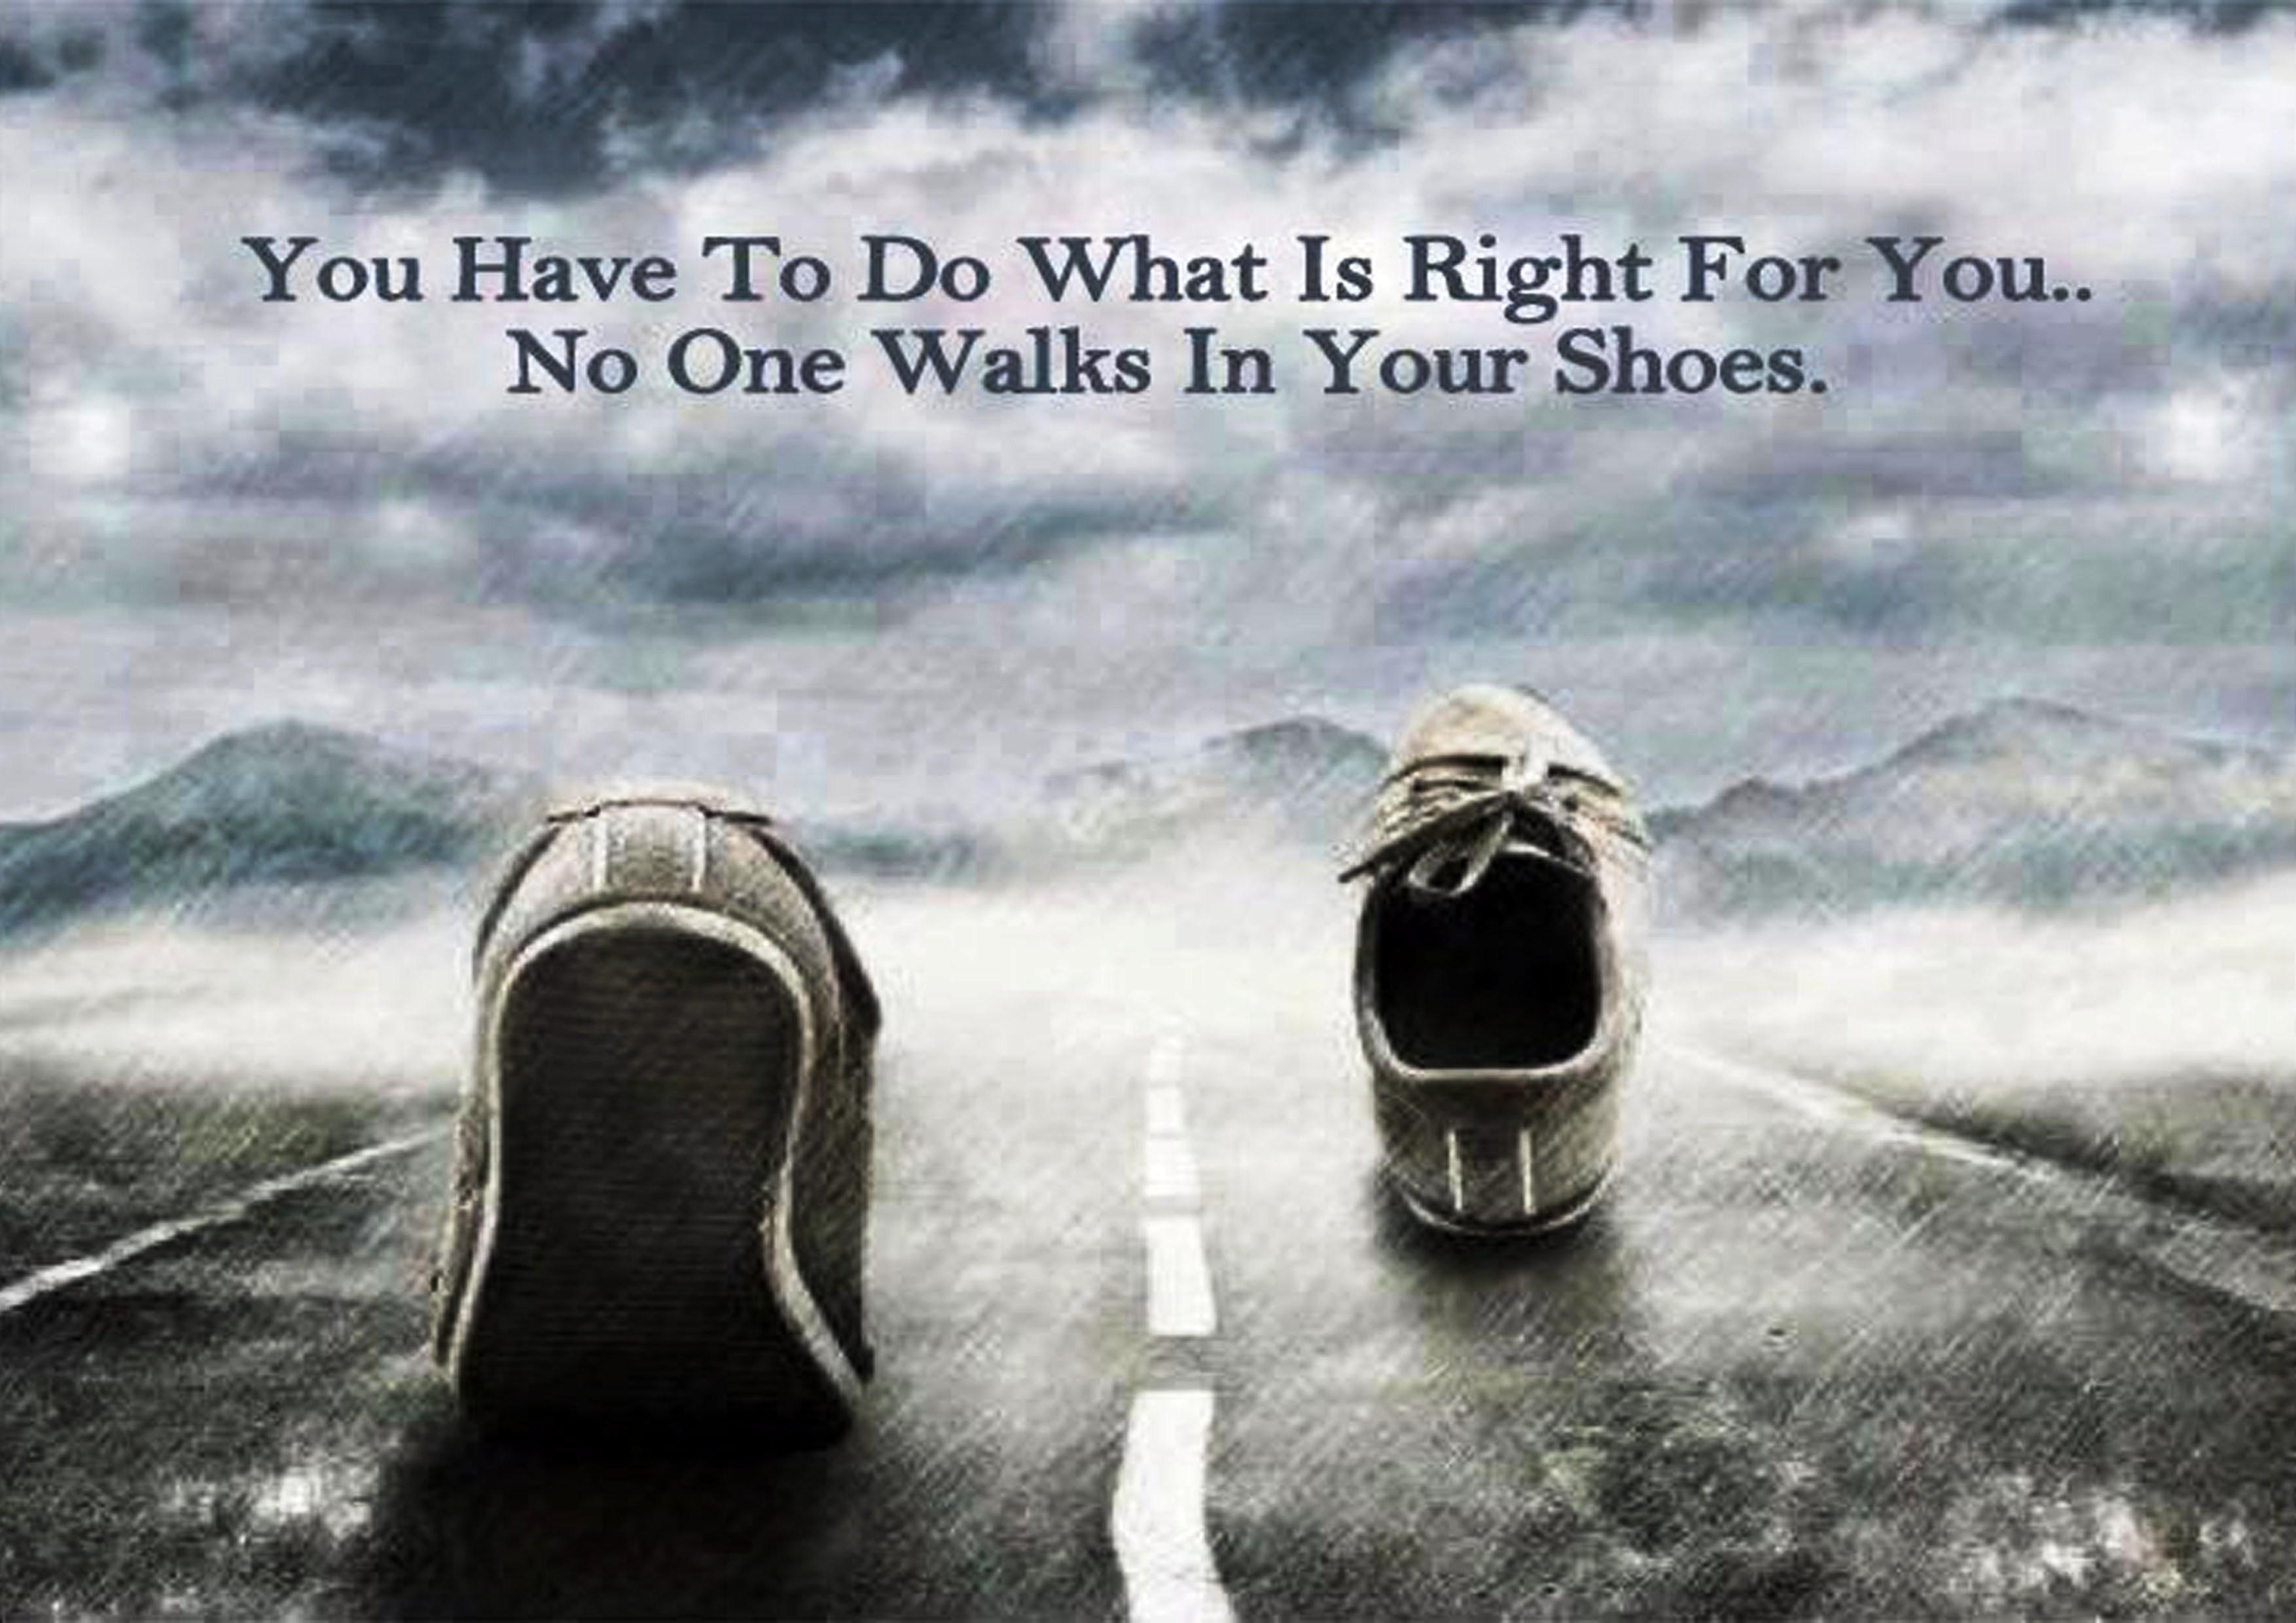 Трябва да правиш това, което ти харесва и което е добро за теб! Никой друг няма да изживее живота ти и да извърви твоя Път вместо теб!